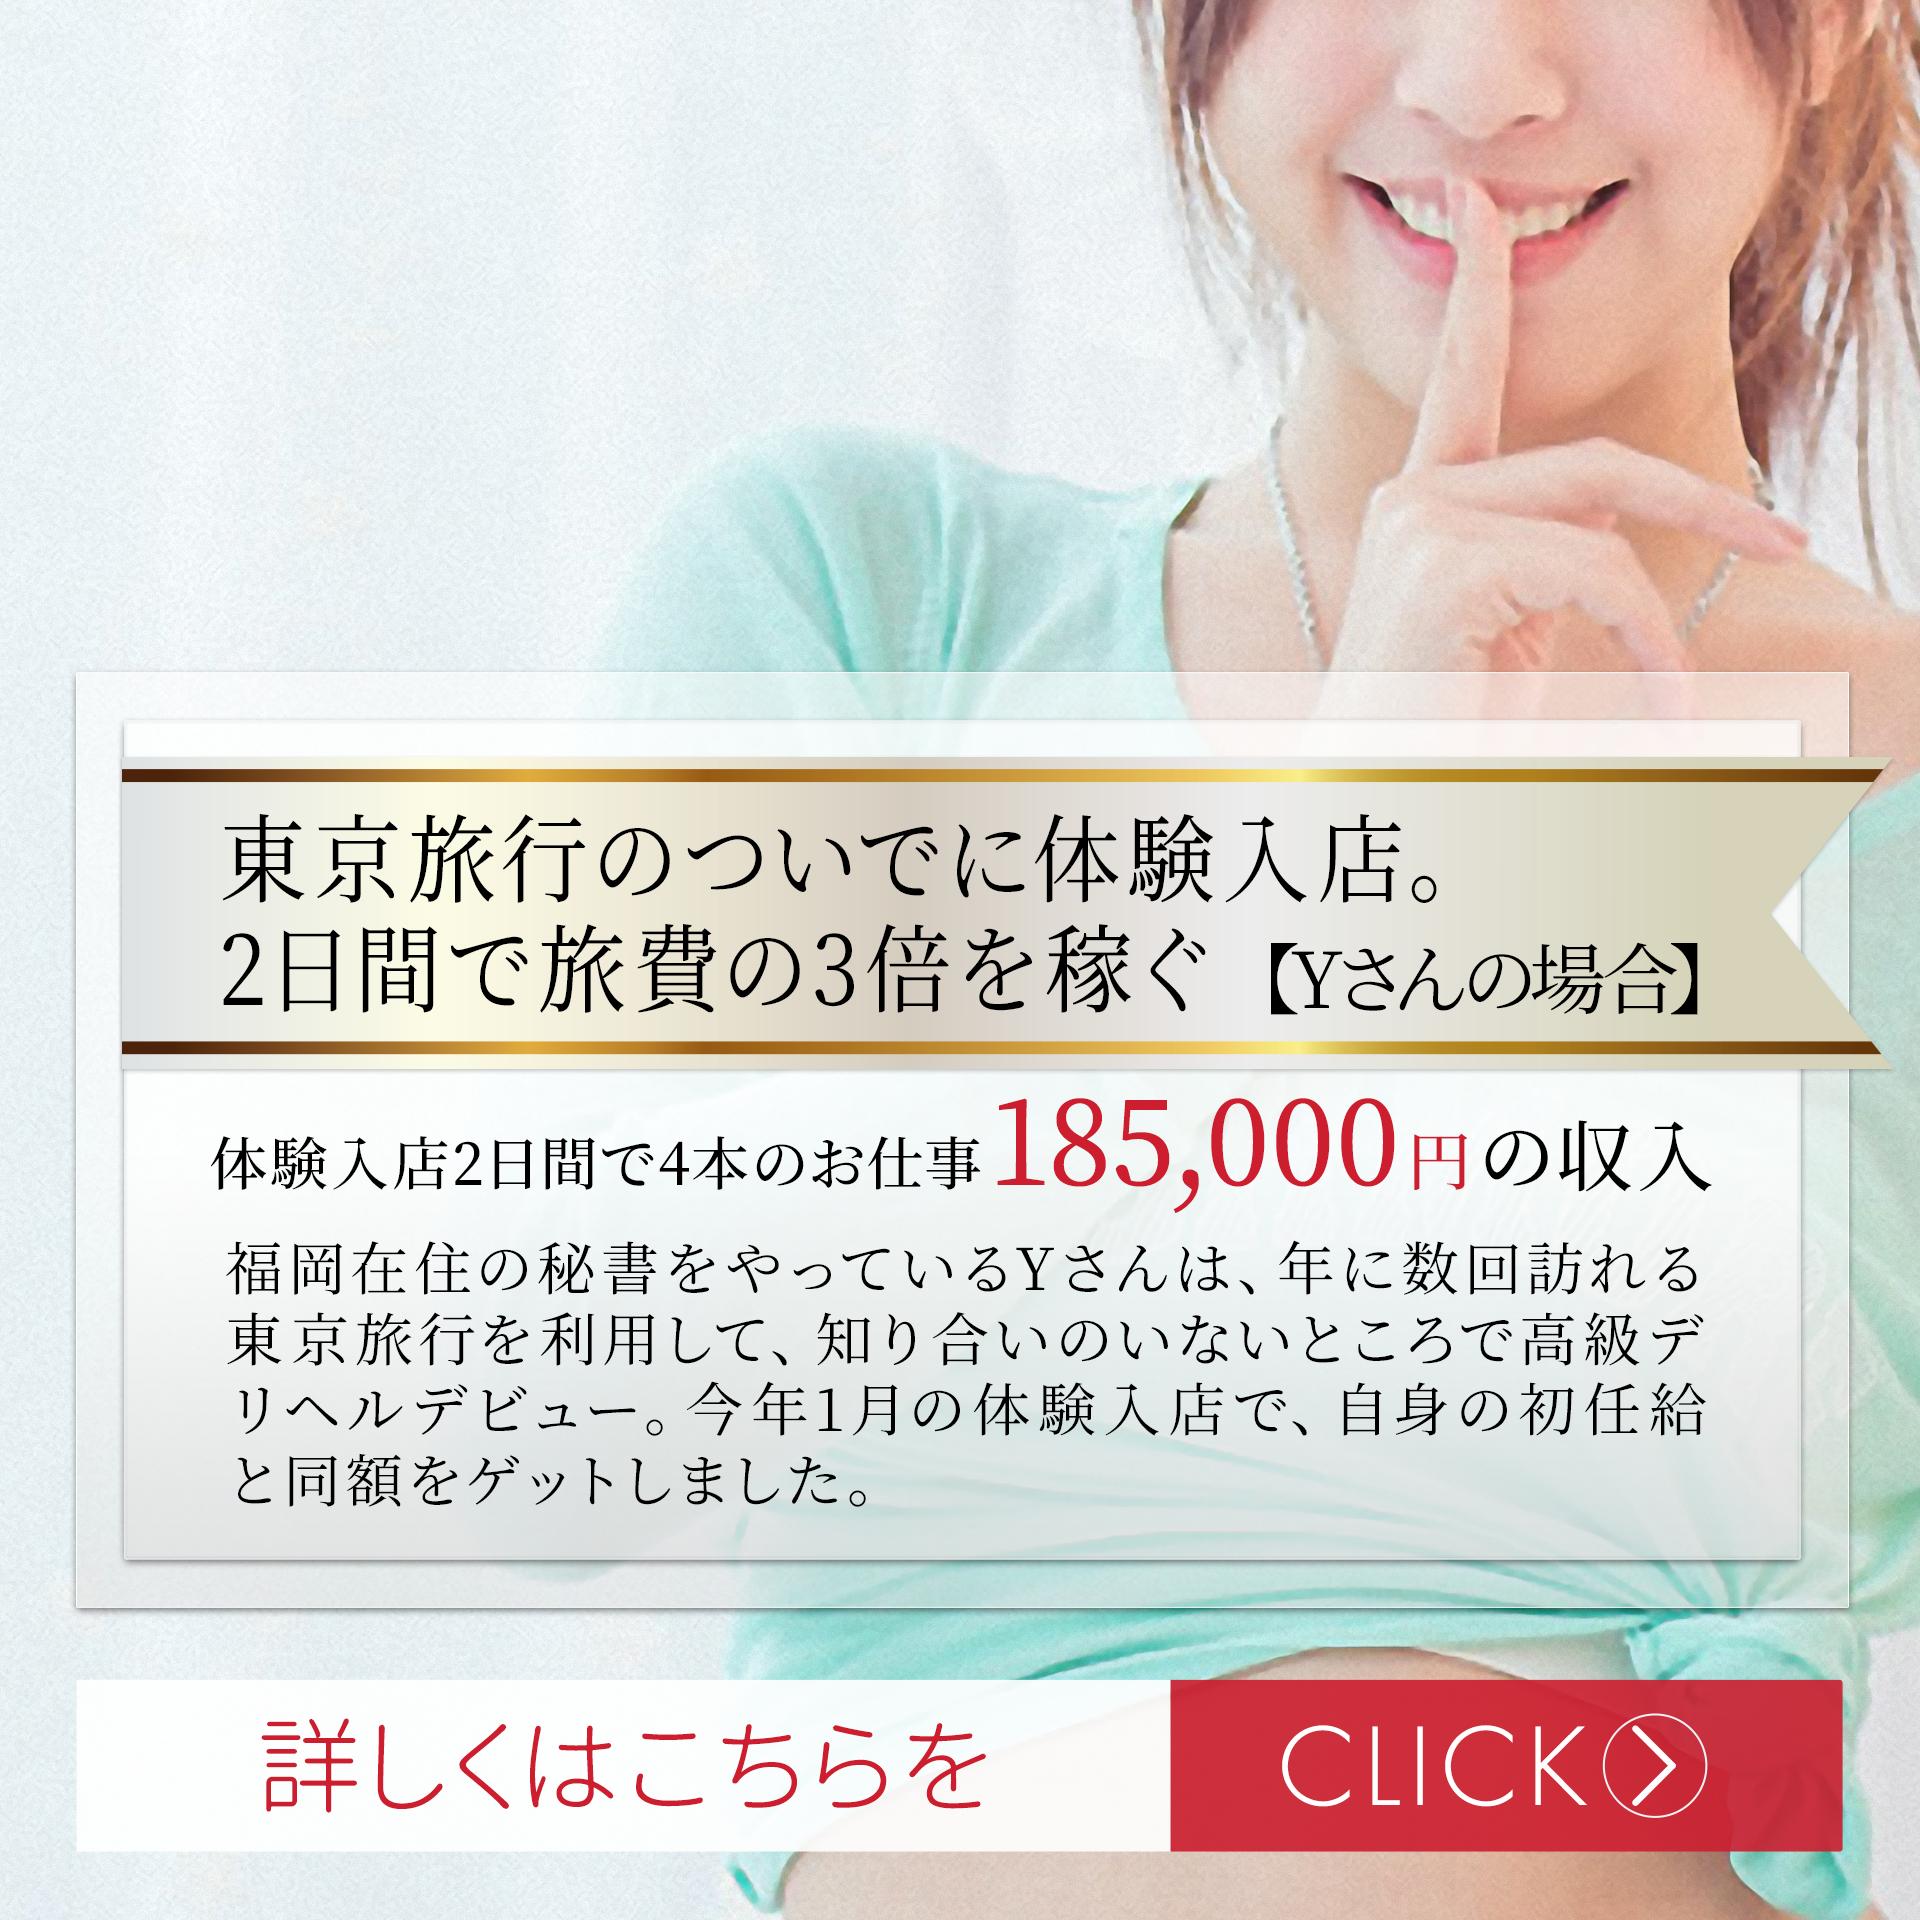 東京旅行のついでに体験入店。2日間夜だけ出勤して旅費の3倍を稼ぐYさんの報酬例